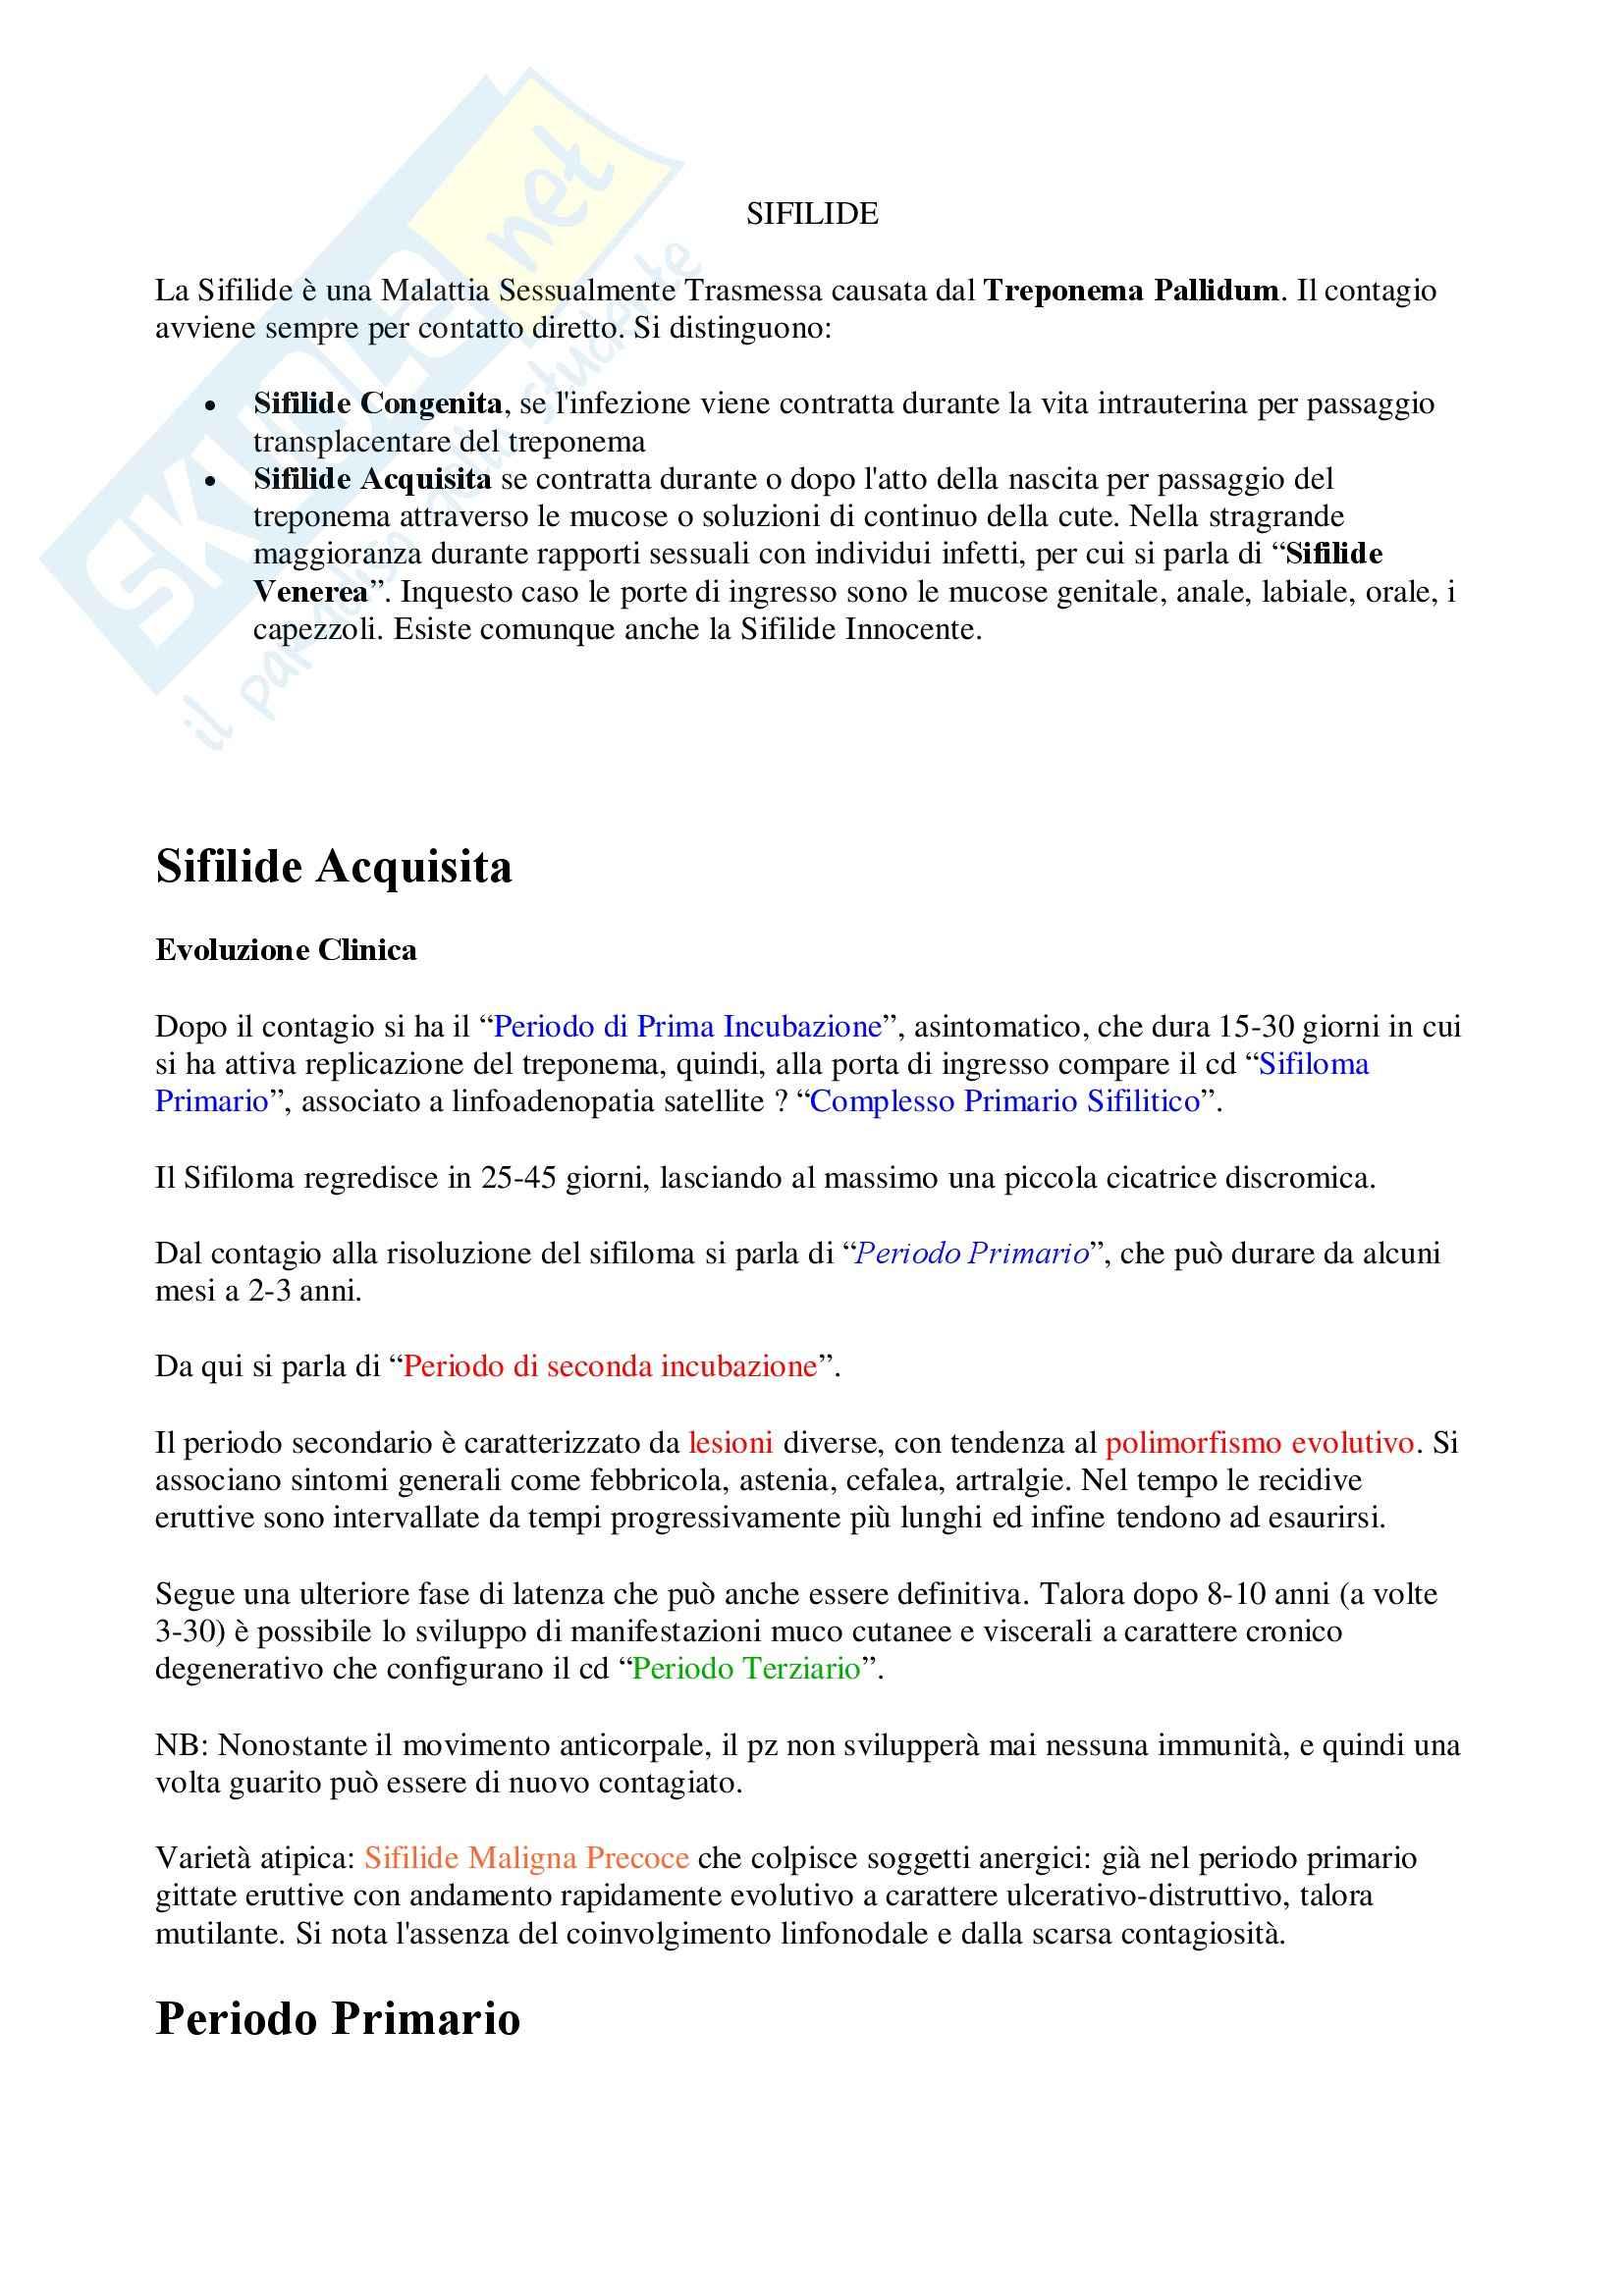 Malattie infettive – Sifilide